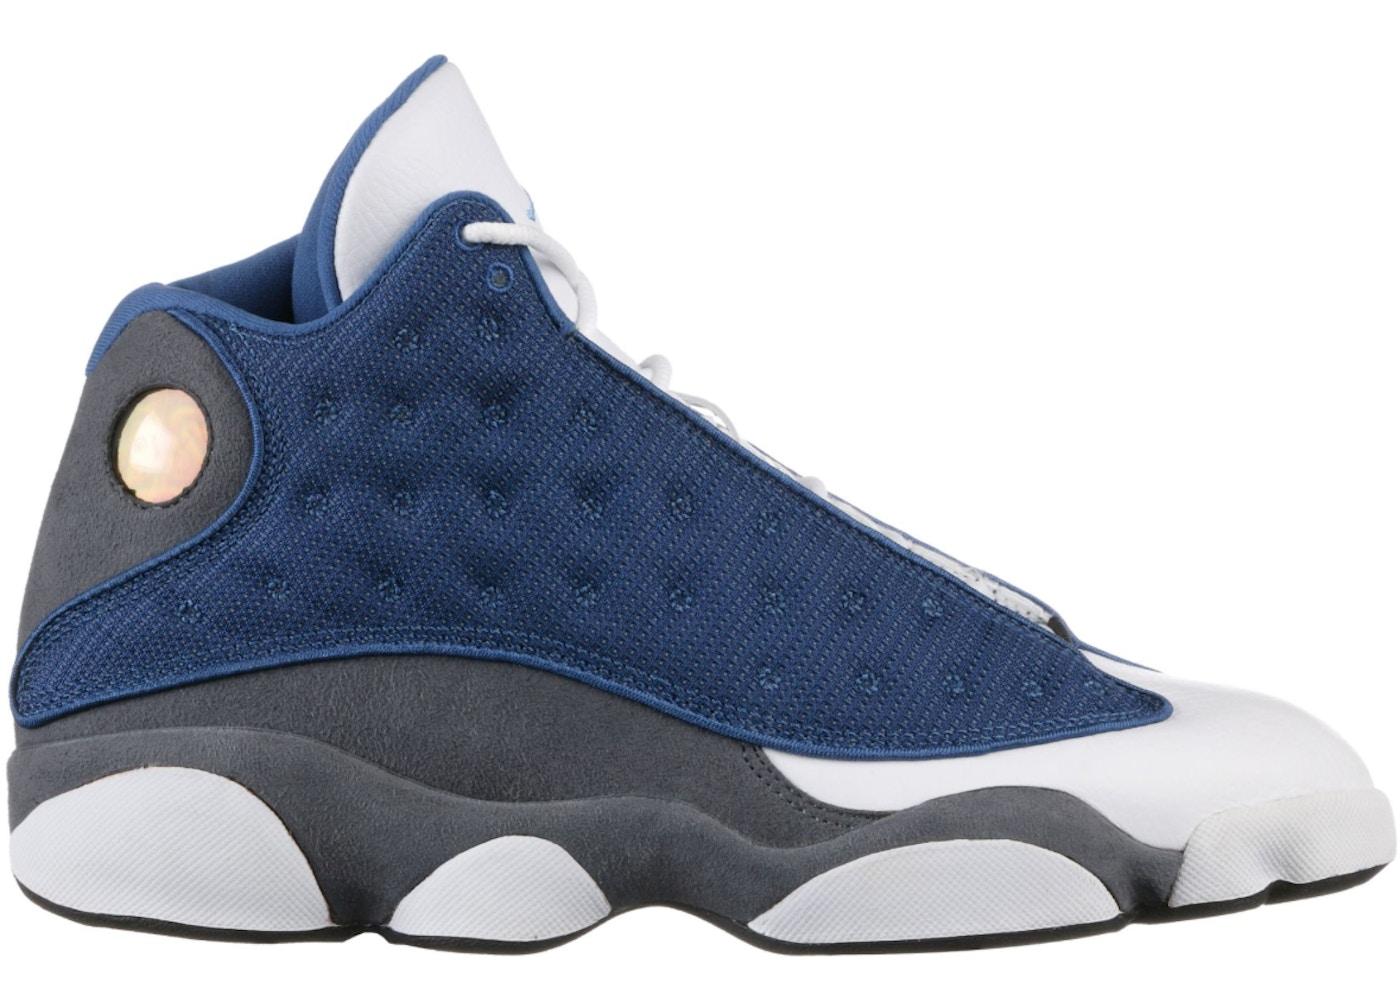 low priced 572f0 80b86 Jordan 13 Retro Flint (2005) - 310004-441